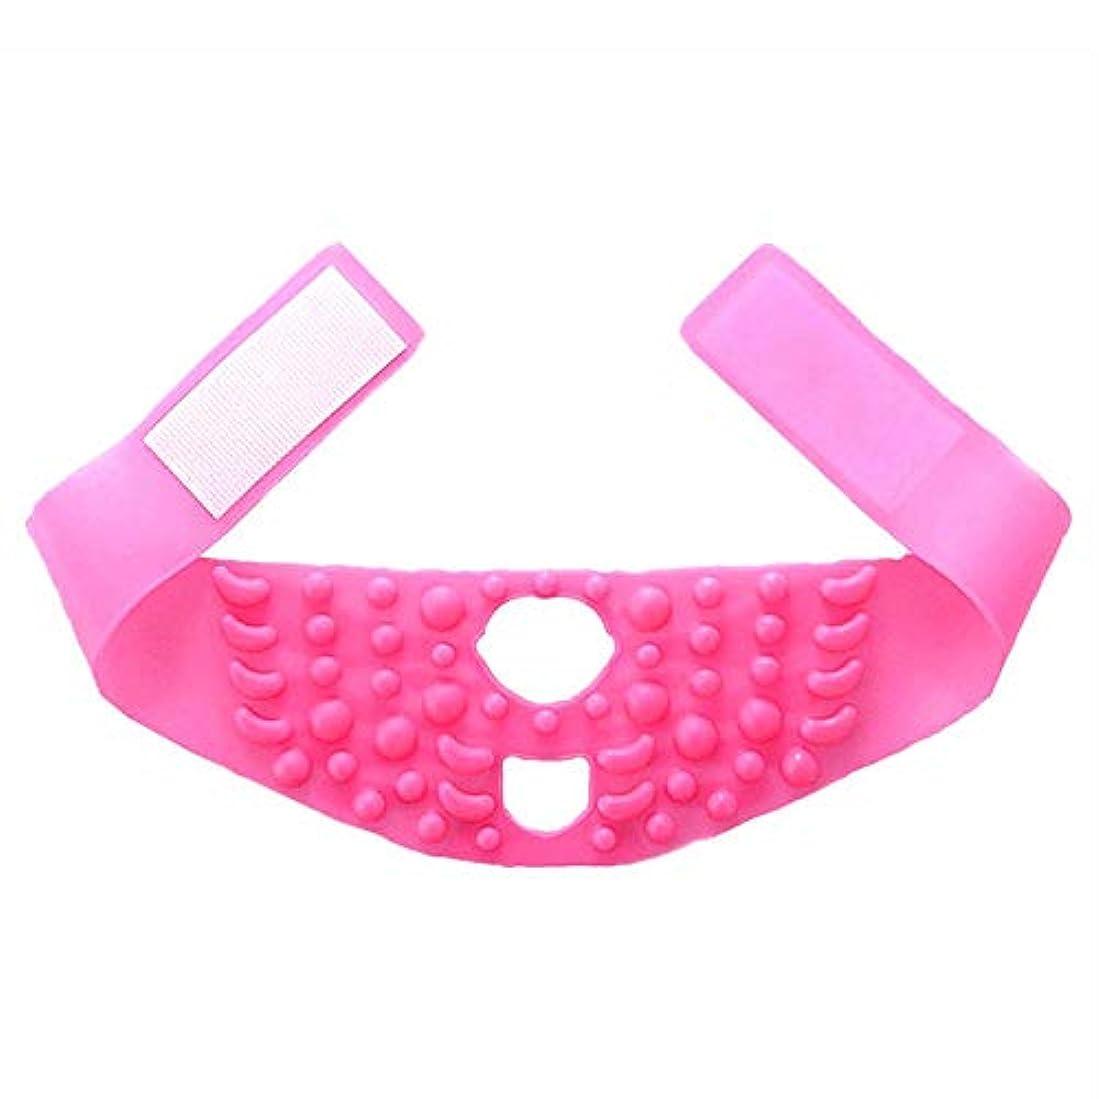 新しさ下る愚かな飛強強 シンフェイスマスクシリコーンマッサージ引き締まった形の小さなVフェイスリフティングに薄いフェイスアーティファクト包帯を飾る - ピンク スリムフィット美容ツール